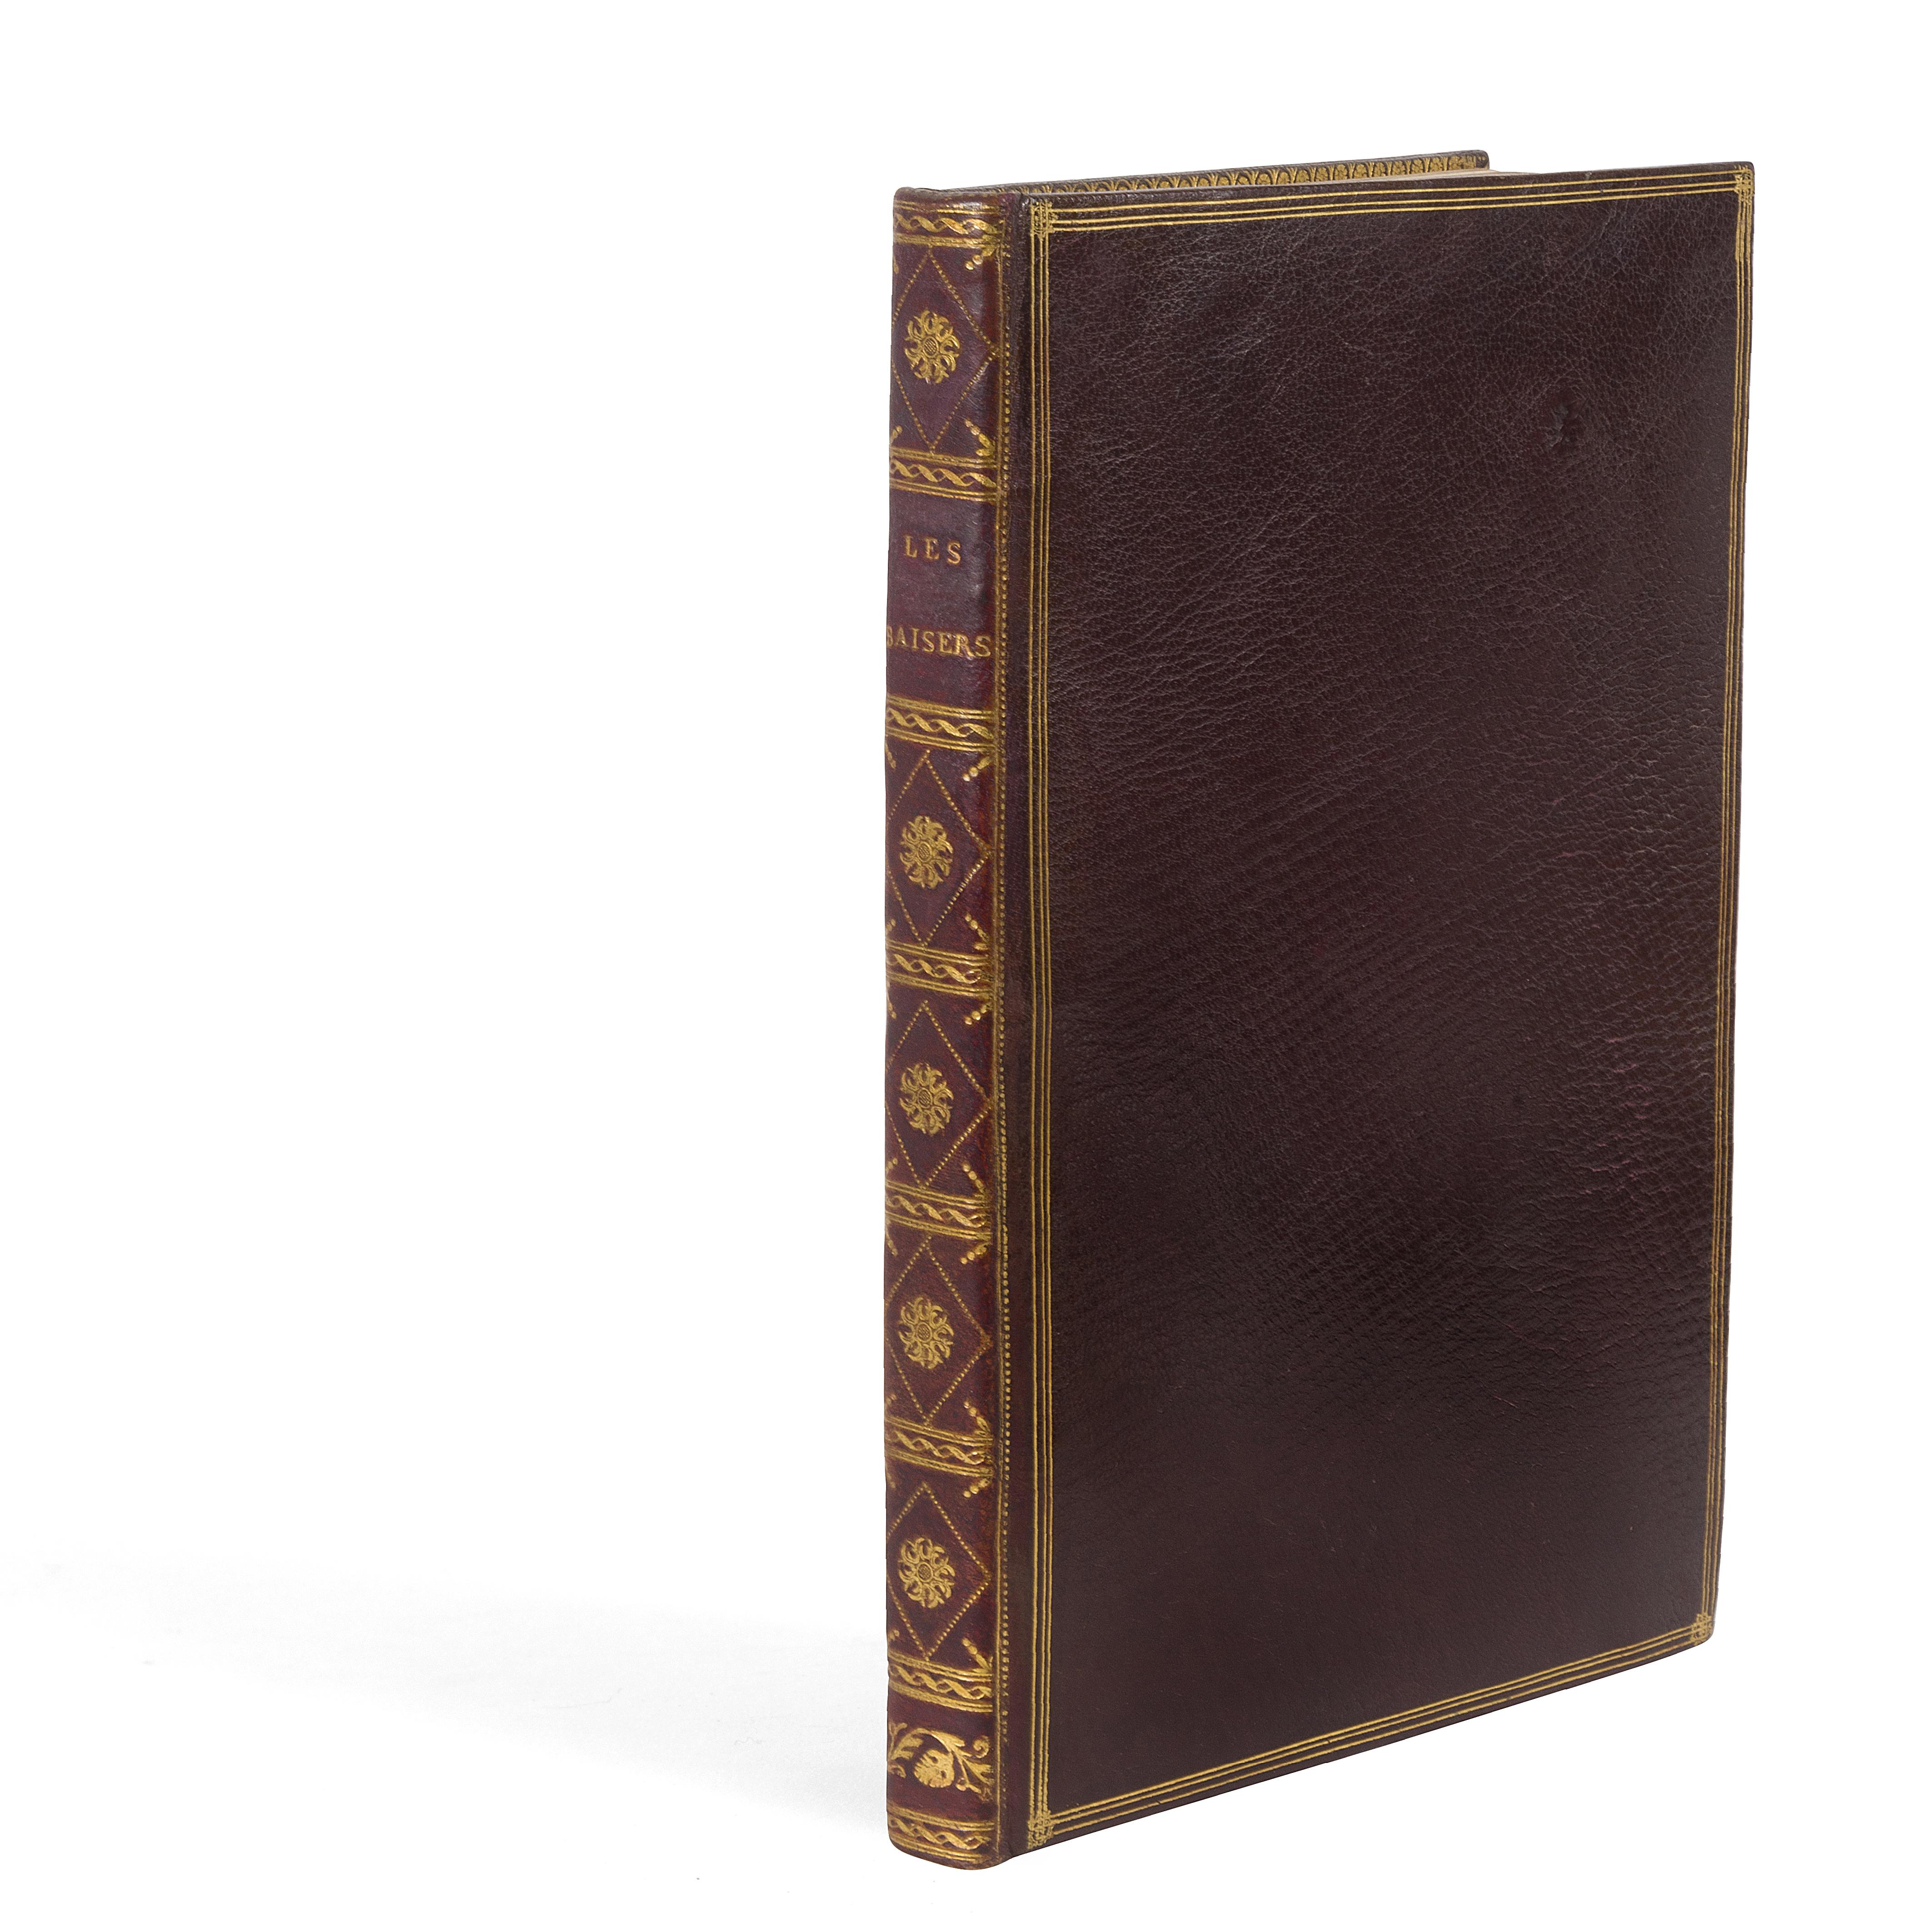 19. DORAT. Les Baisers. La Haye, Paris, Lambert, Delalain, 1770. Relié par Derôme.